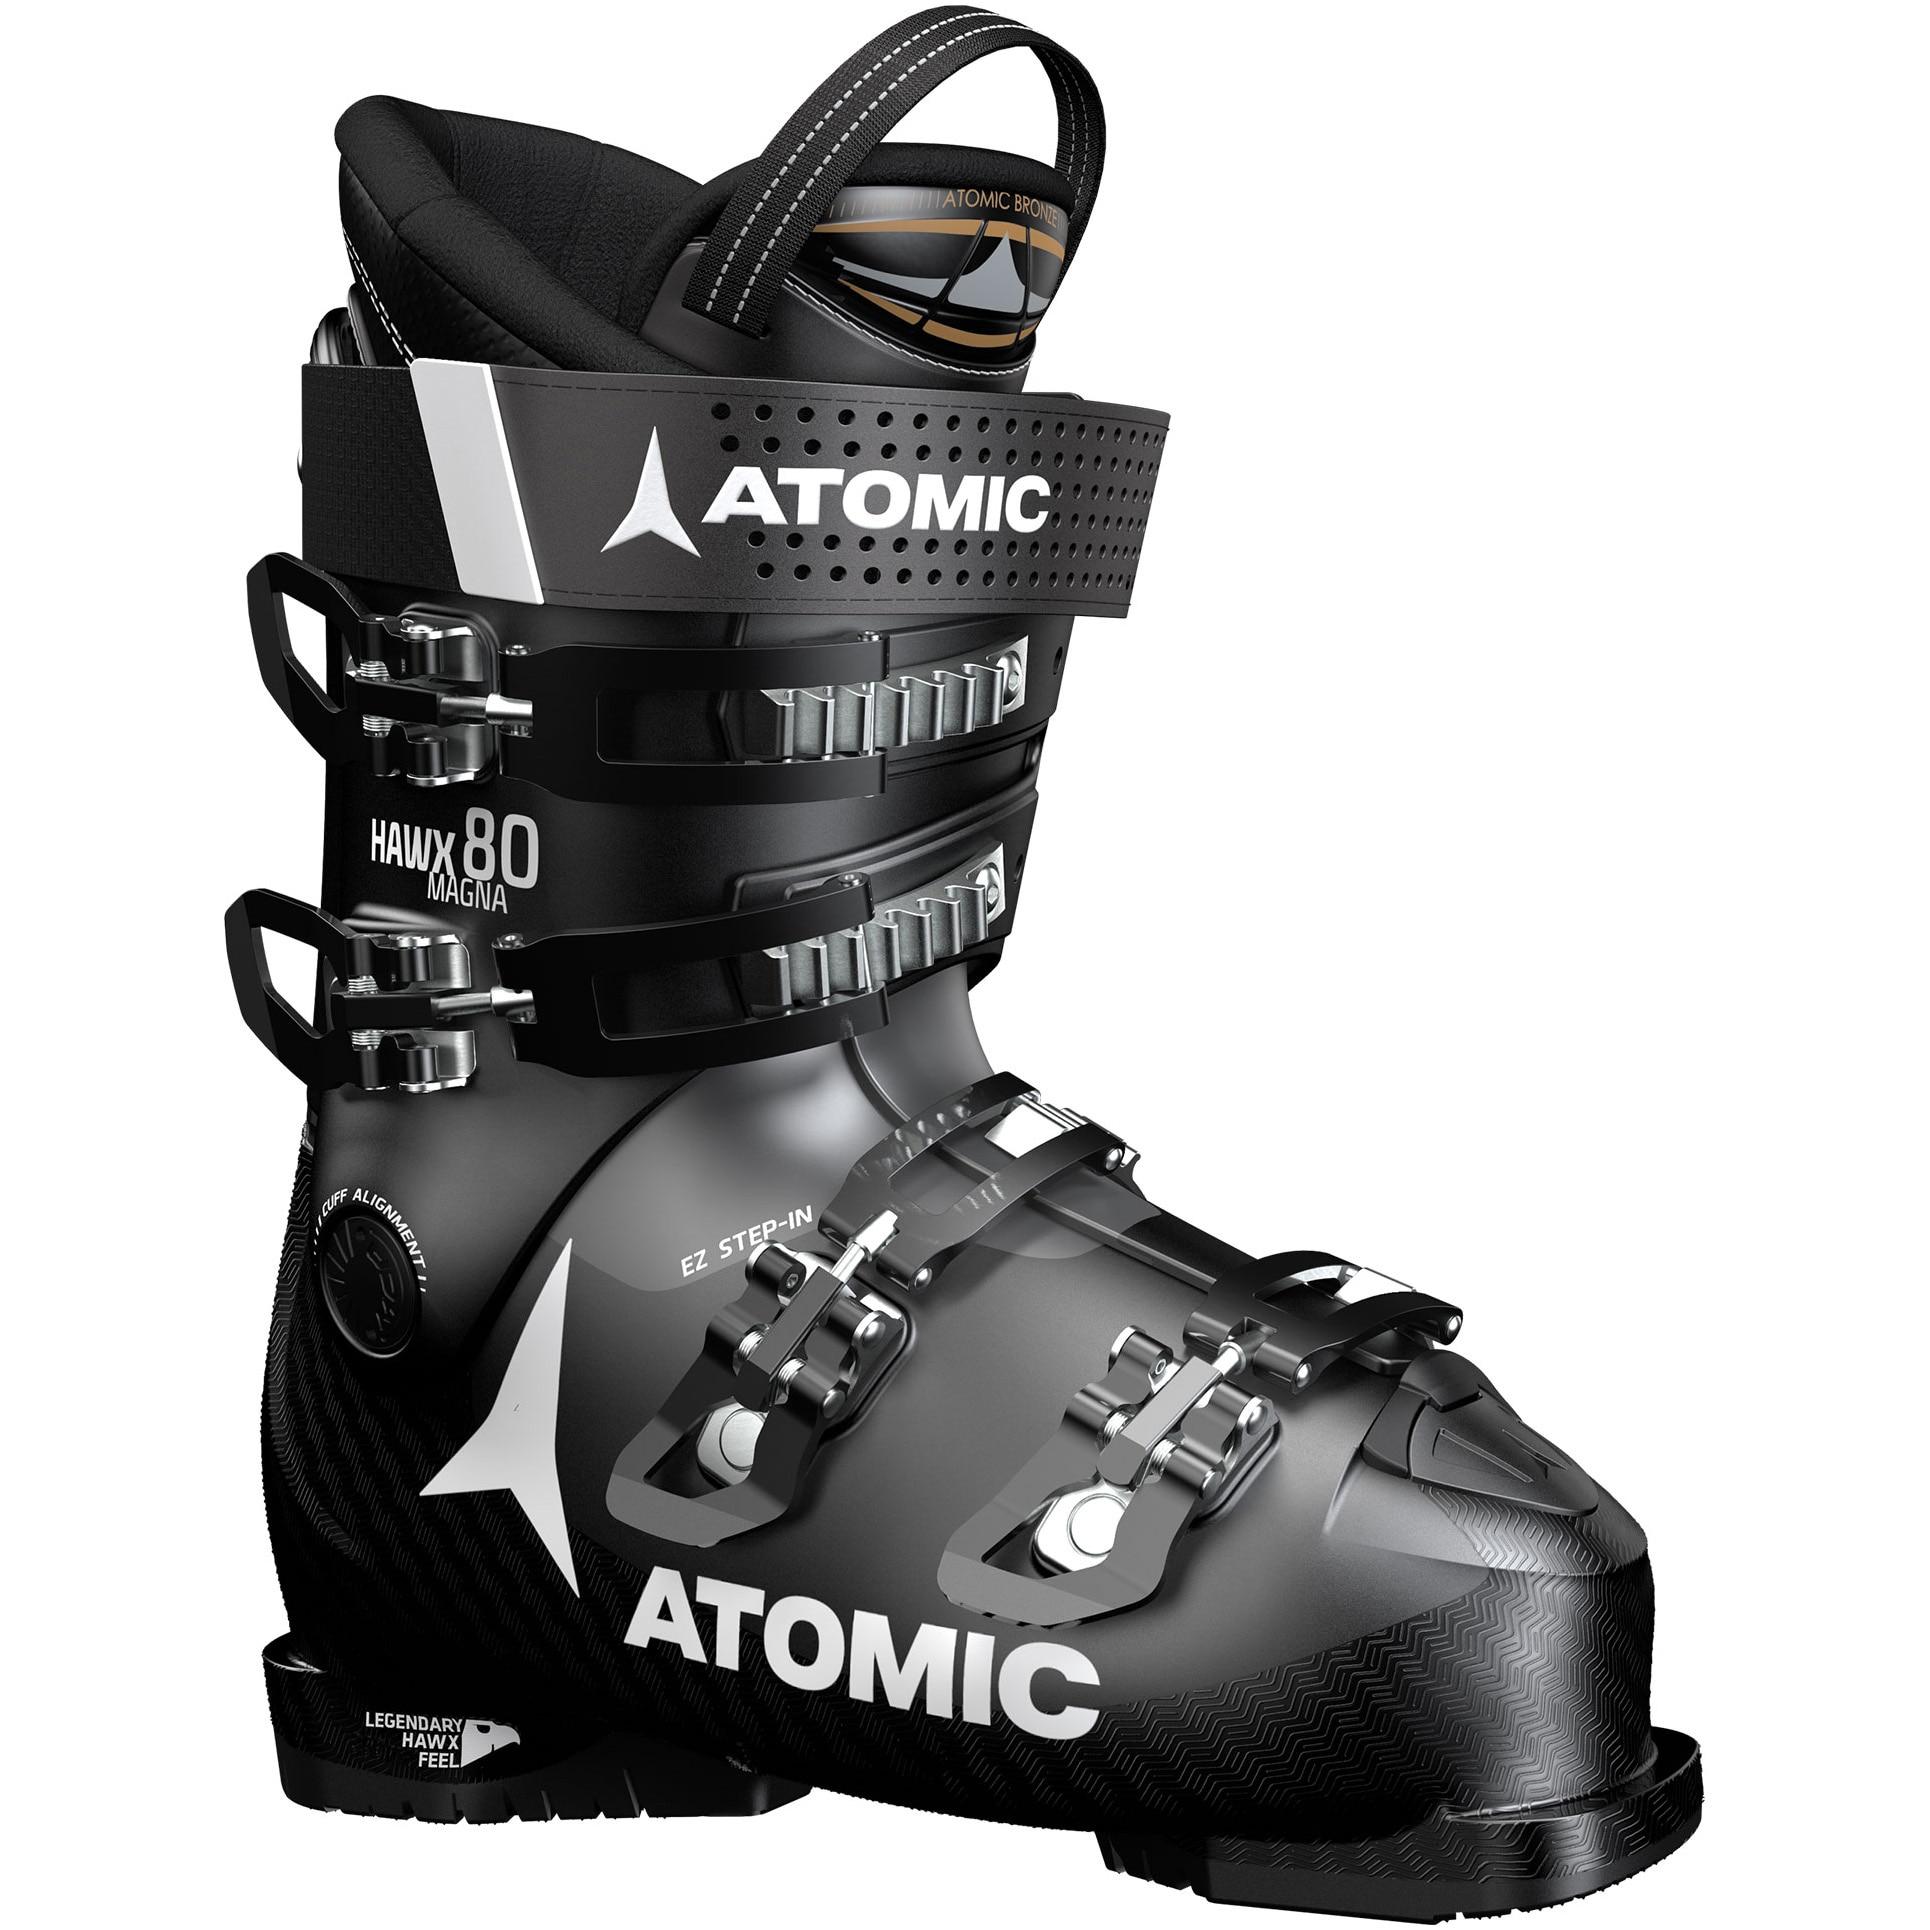 Fotografie Clapari Atomic Hawx Magna 80 Unisex, Black/Anthracite, Negru/Gri, 27, 27.5